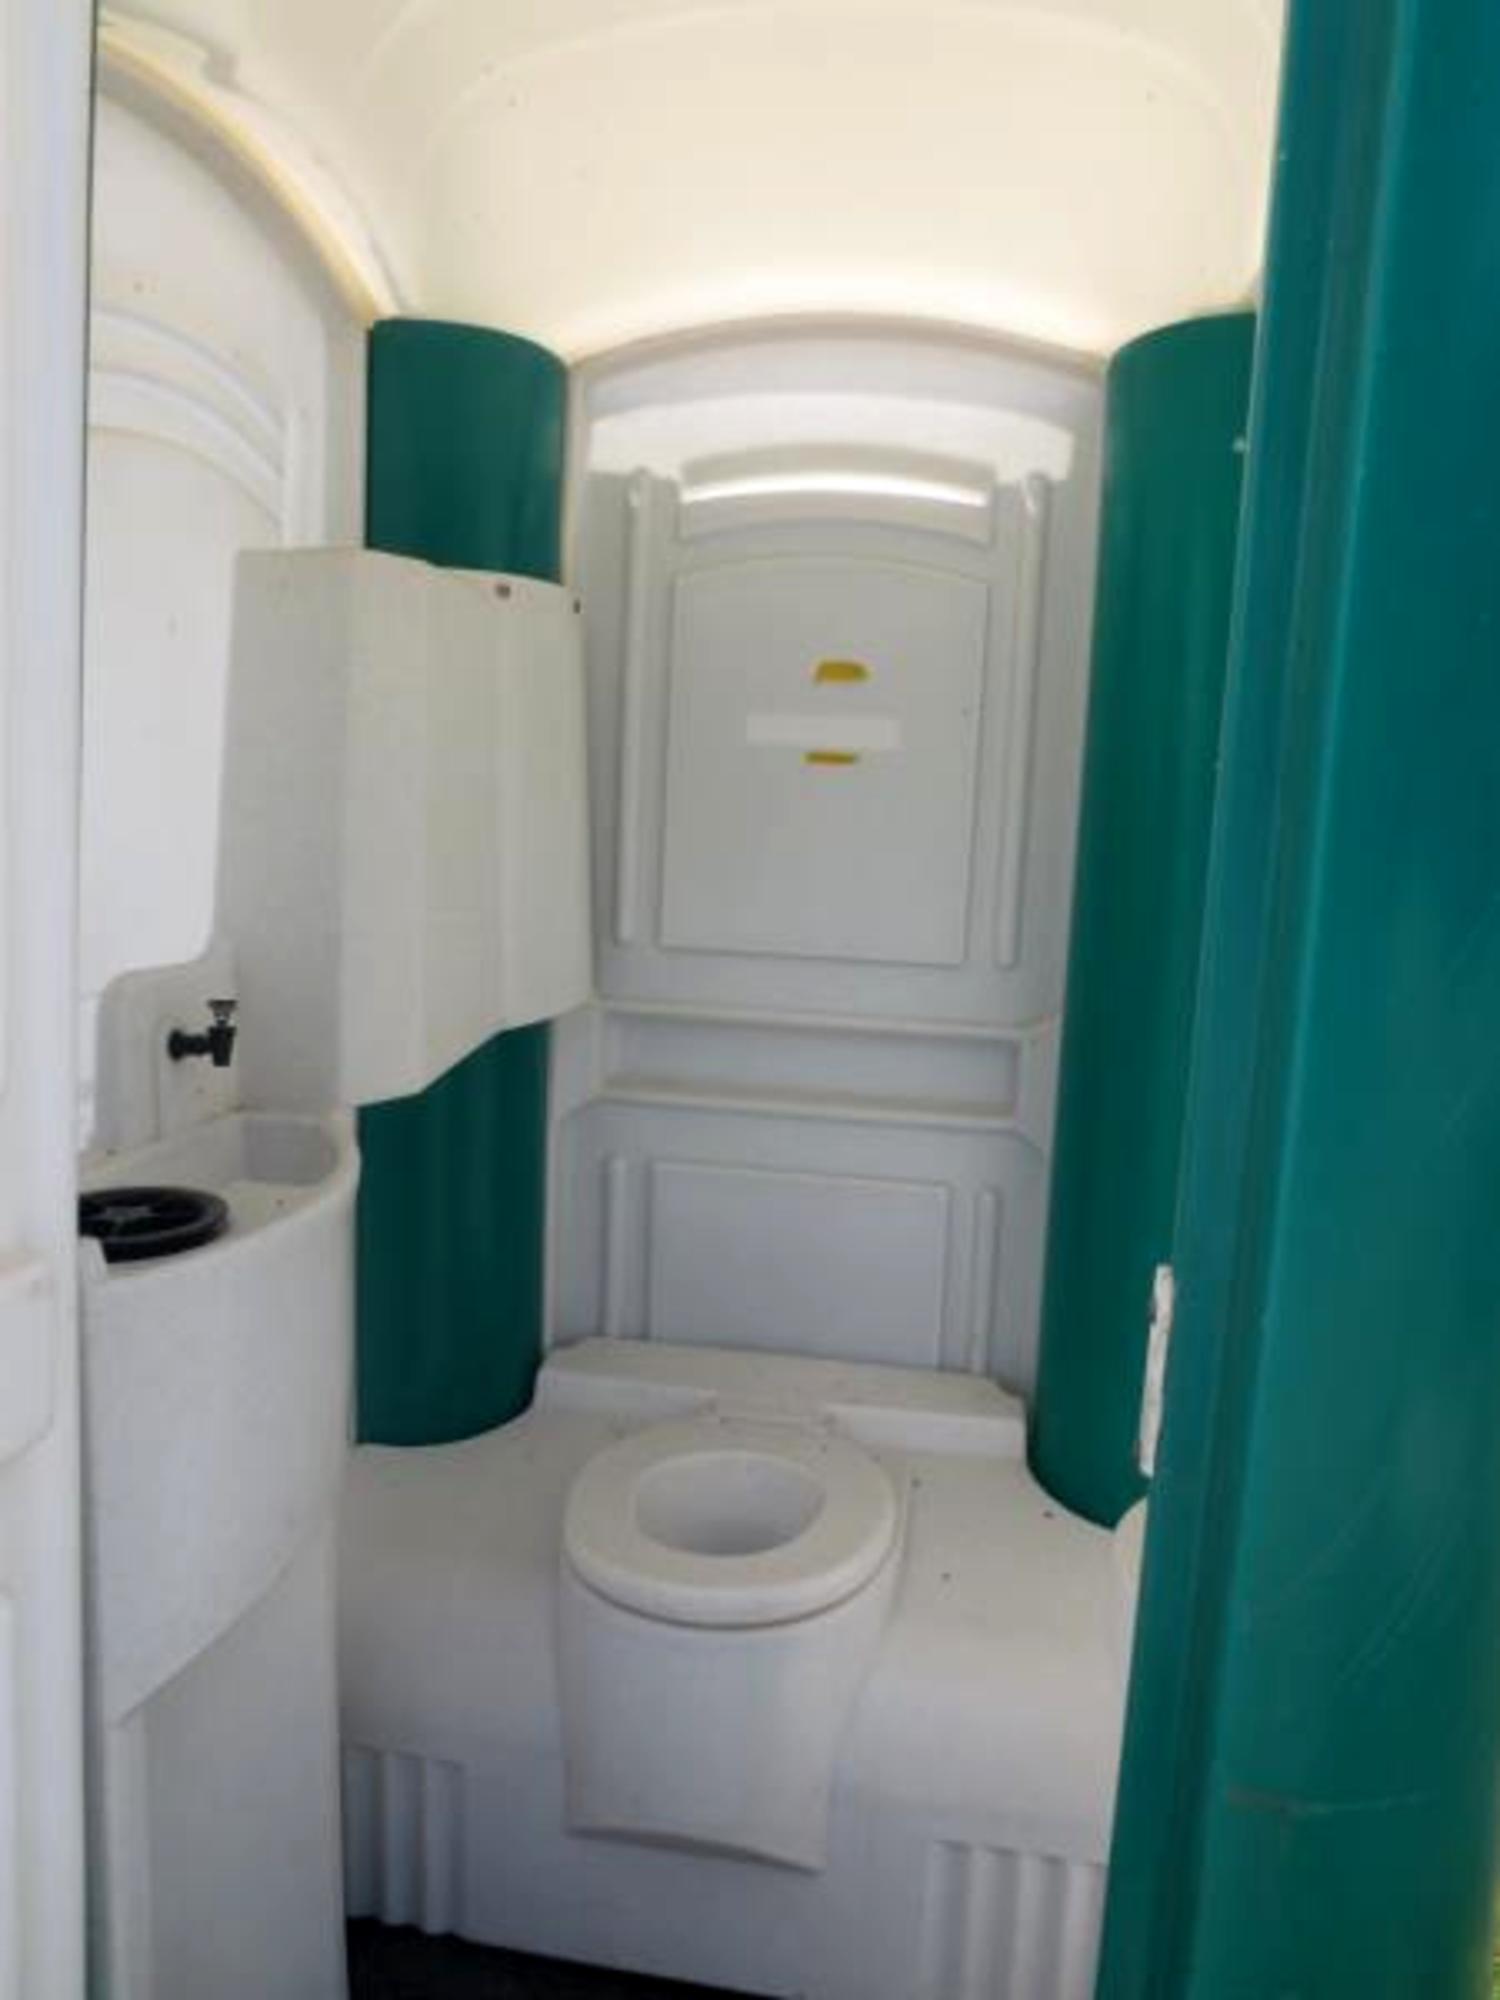 toilette chimique de chantier 62201 toilette id es. Black Bedroom Furniture Sets. Home Design Ideas